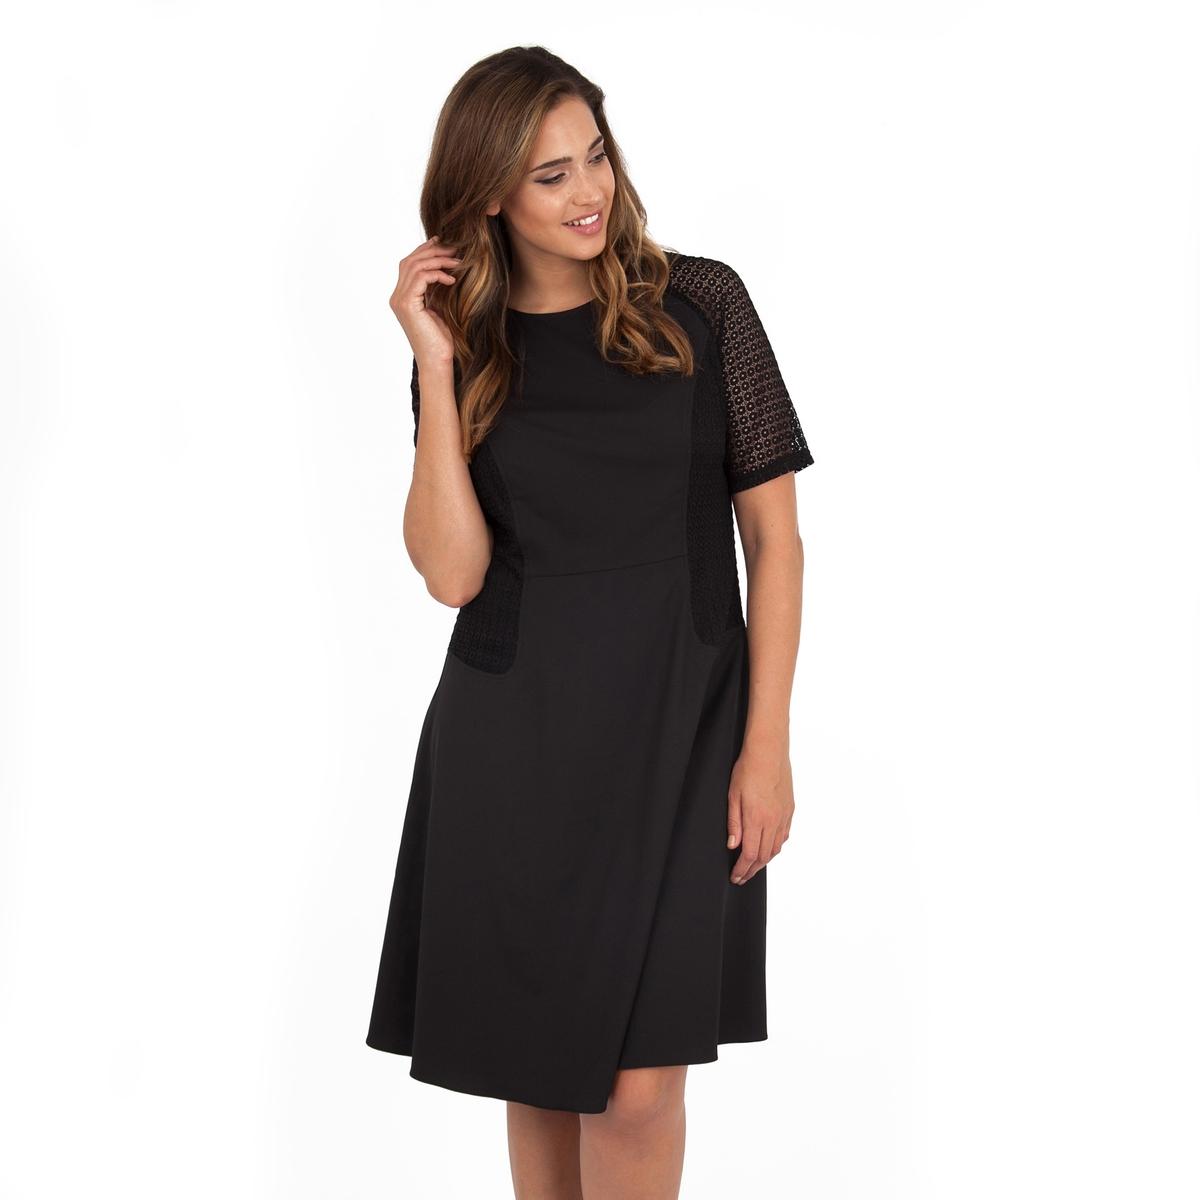 ПлатьеПлатье с короткими рукавами - KOKO BY KOKO. Красивые прозрачные рукава и вставки по бокам. Длина ок.104 см. 100% полиэстера.<br><br>Цвет: черный<br>Размер: 50/52 (FR) - 56/58 (RUS).48 (FR) - 54 (RUS)